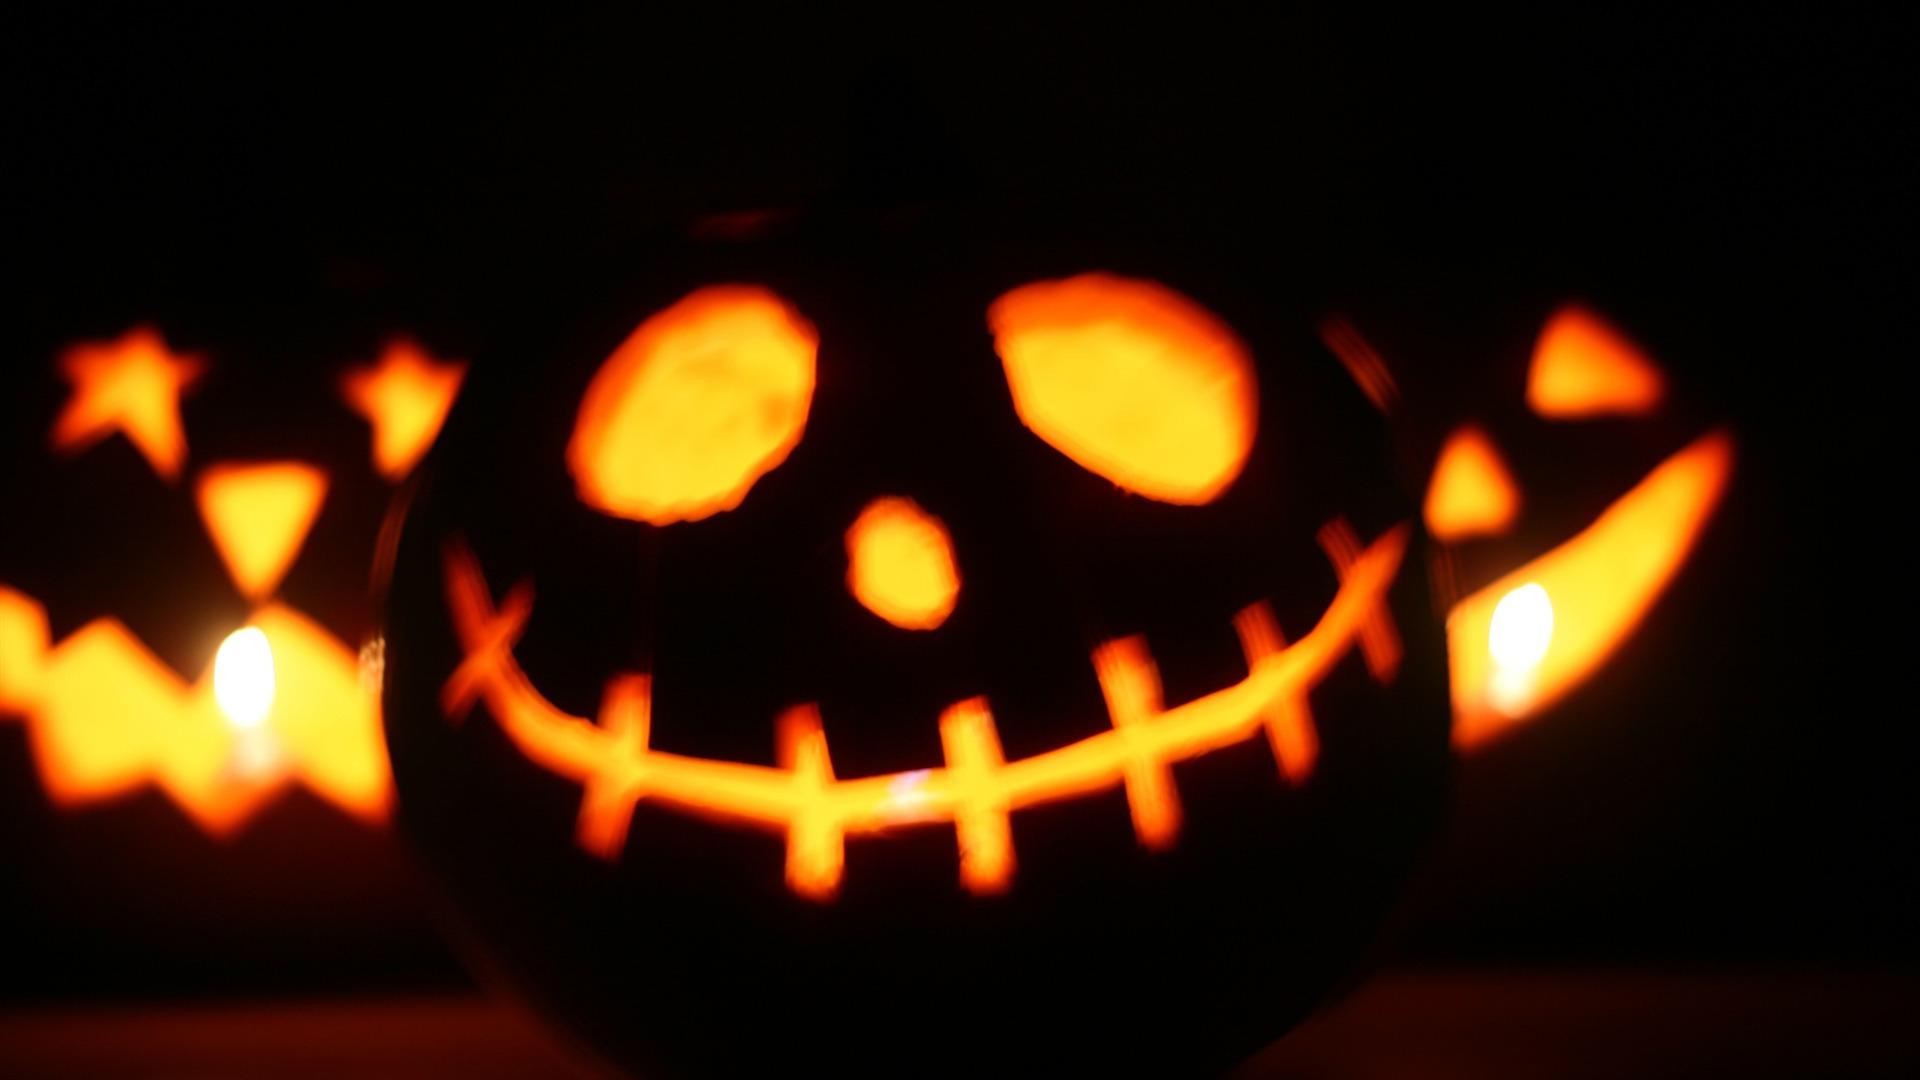 Spooky-Halloween-Wallpaper-HD